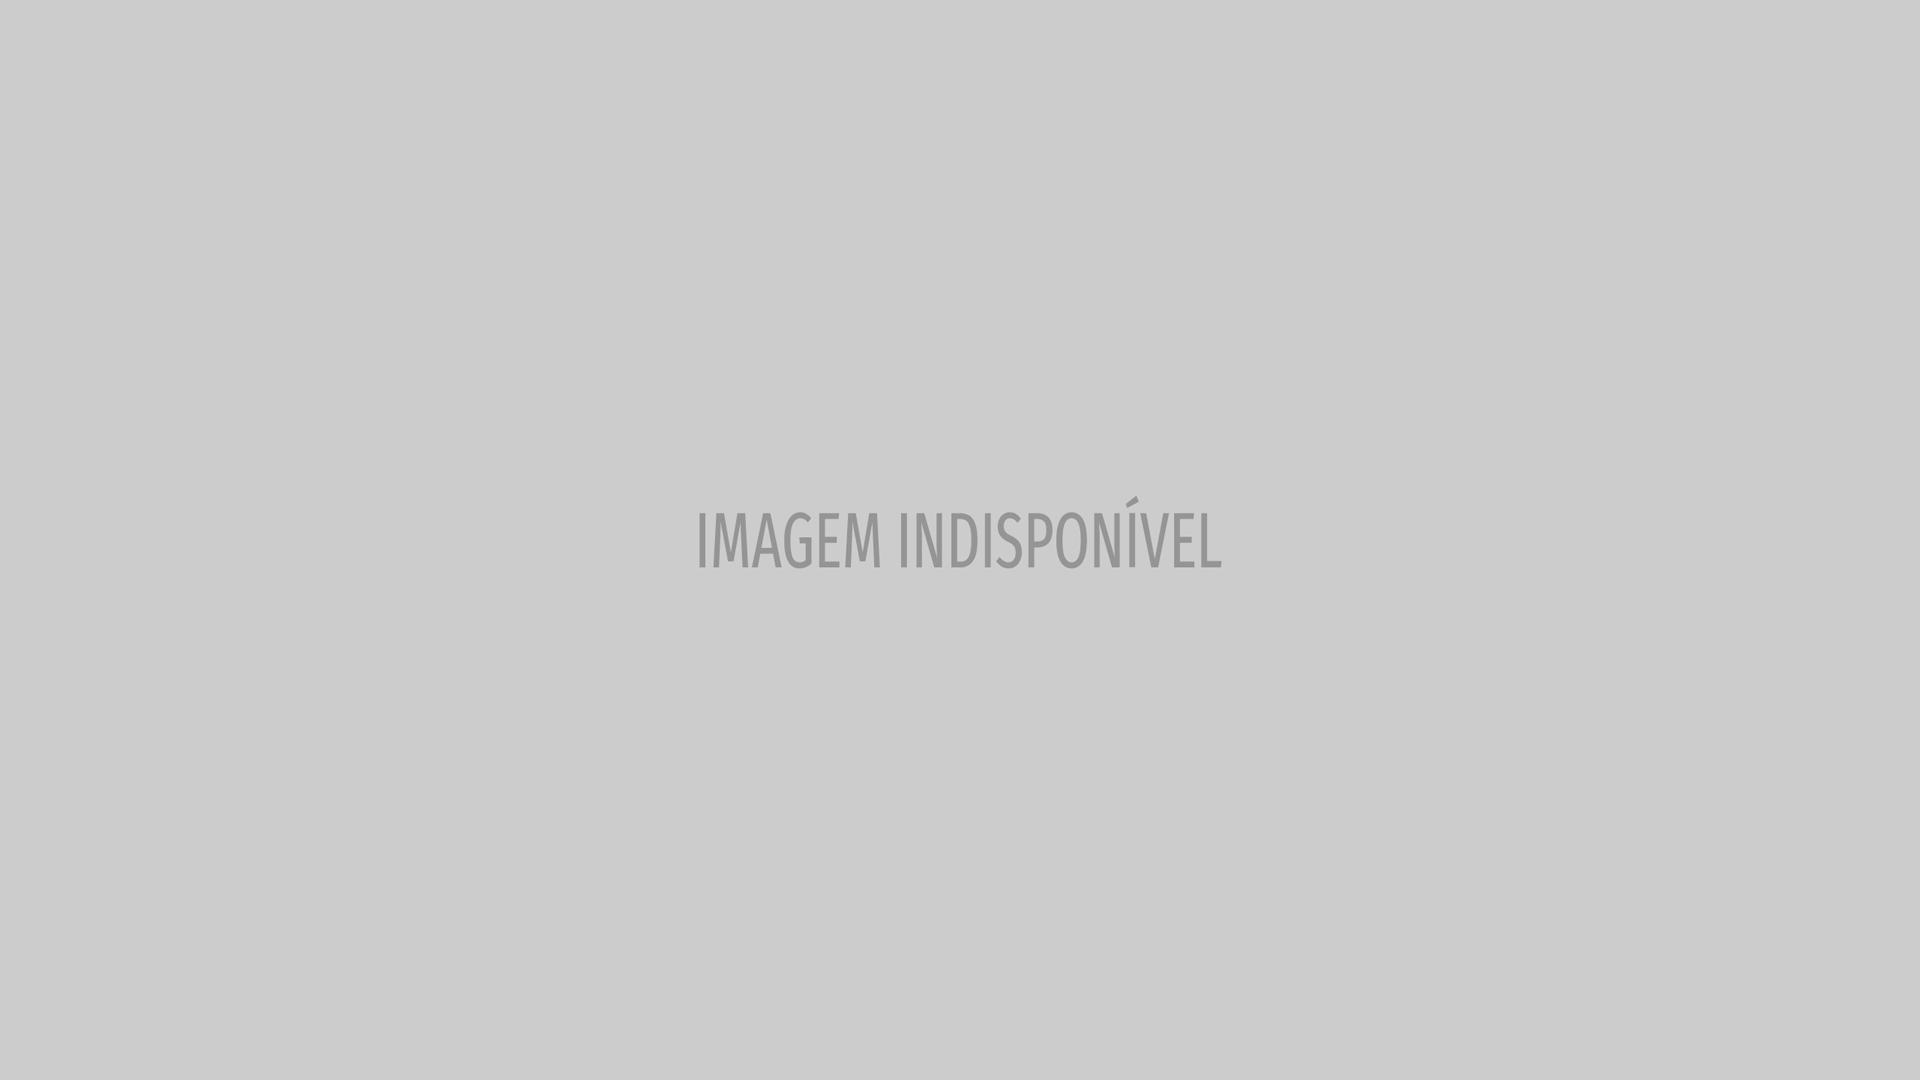 Kylie Jenner publica imagem fofa para celebrar 8 meses da filha